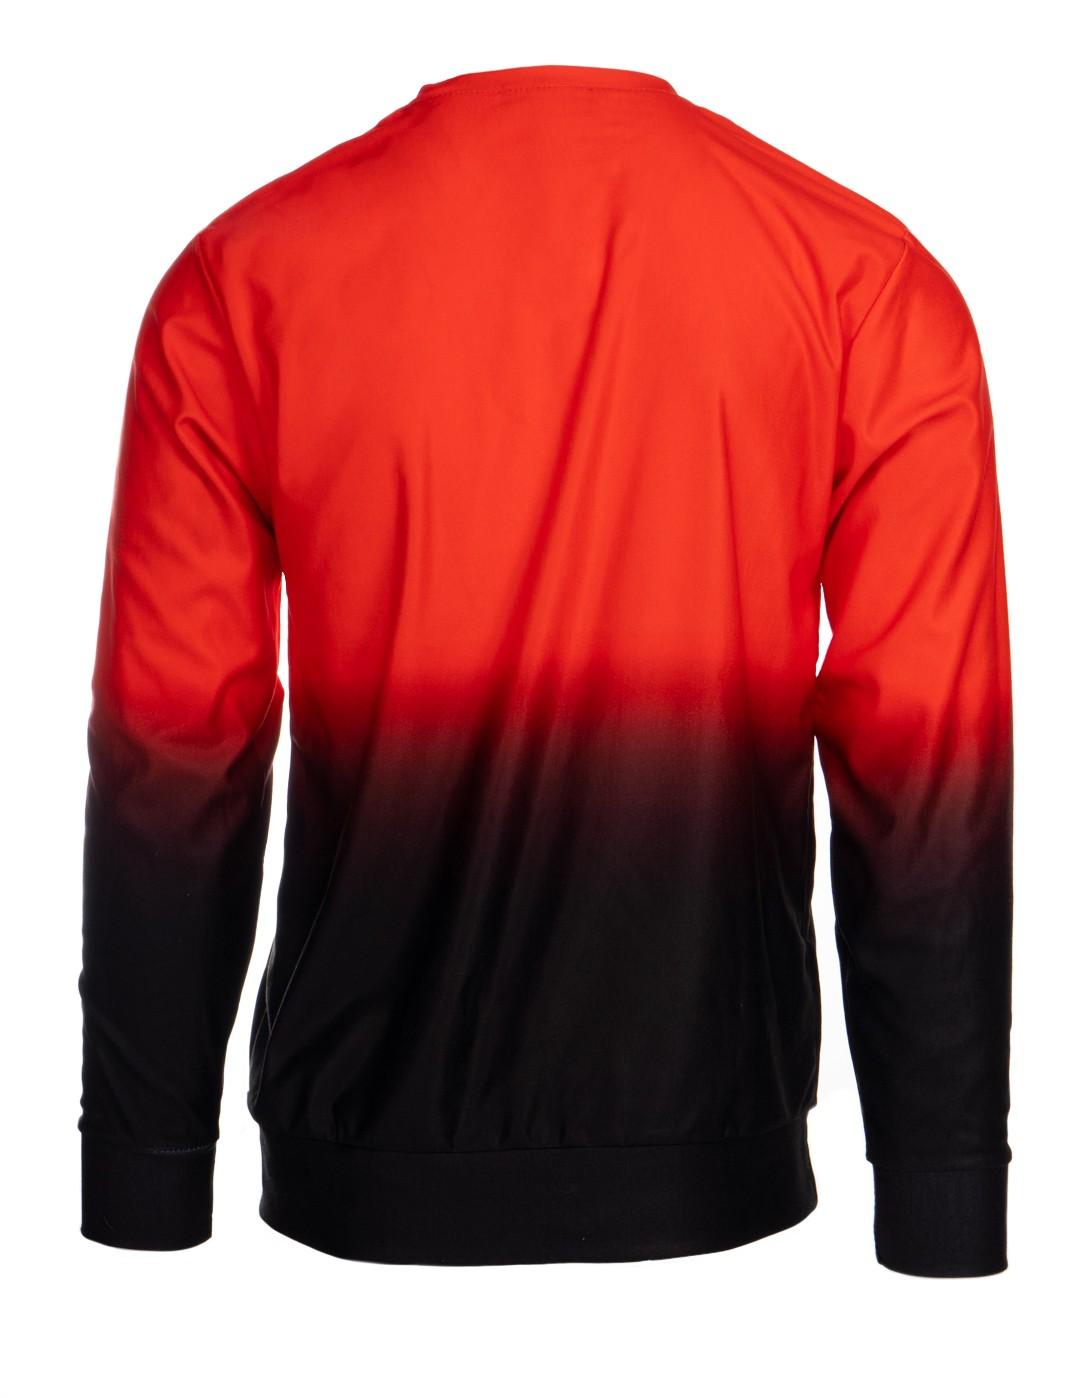 SHADOWS Sweatshirt Black/Red